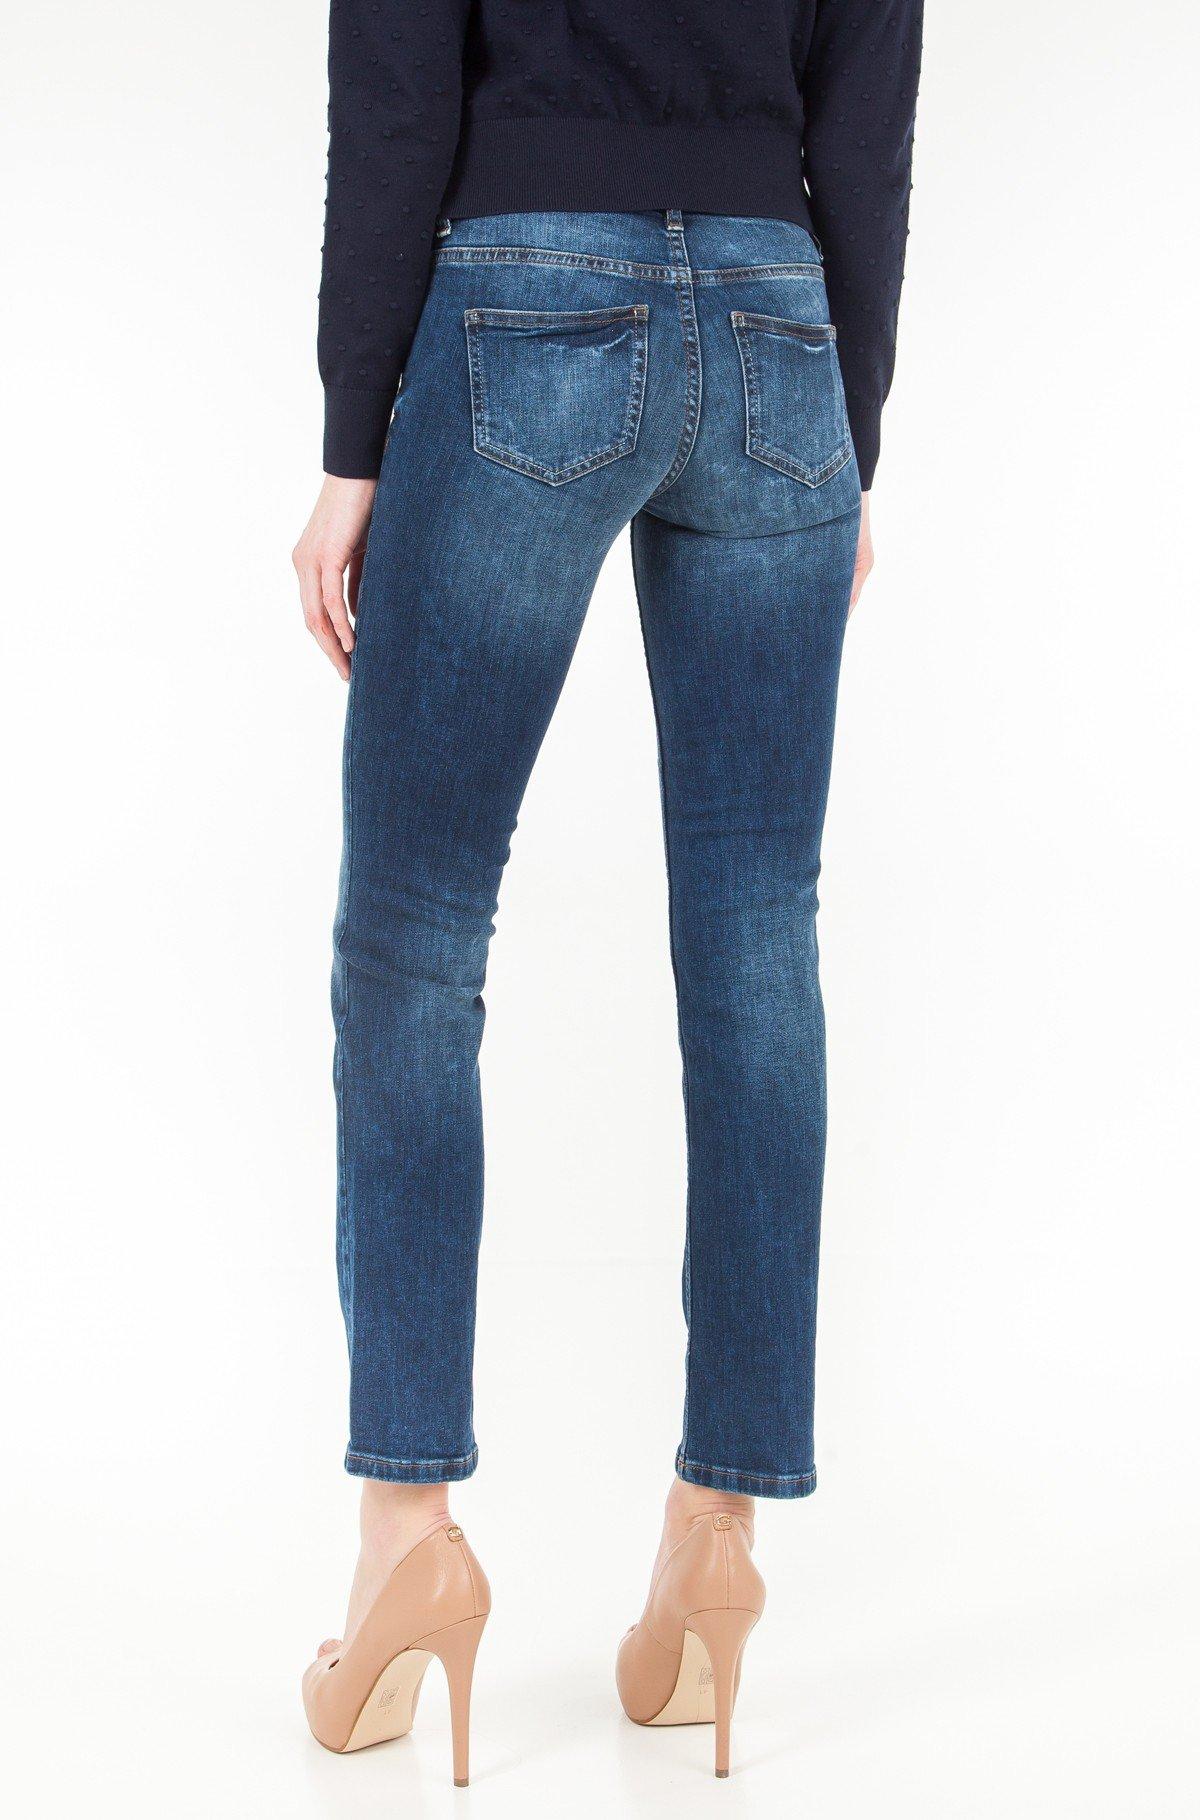 Jeans 6205864.09.70-full-2